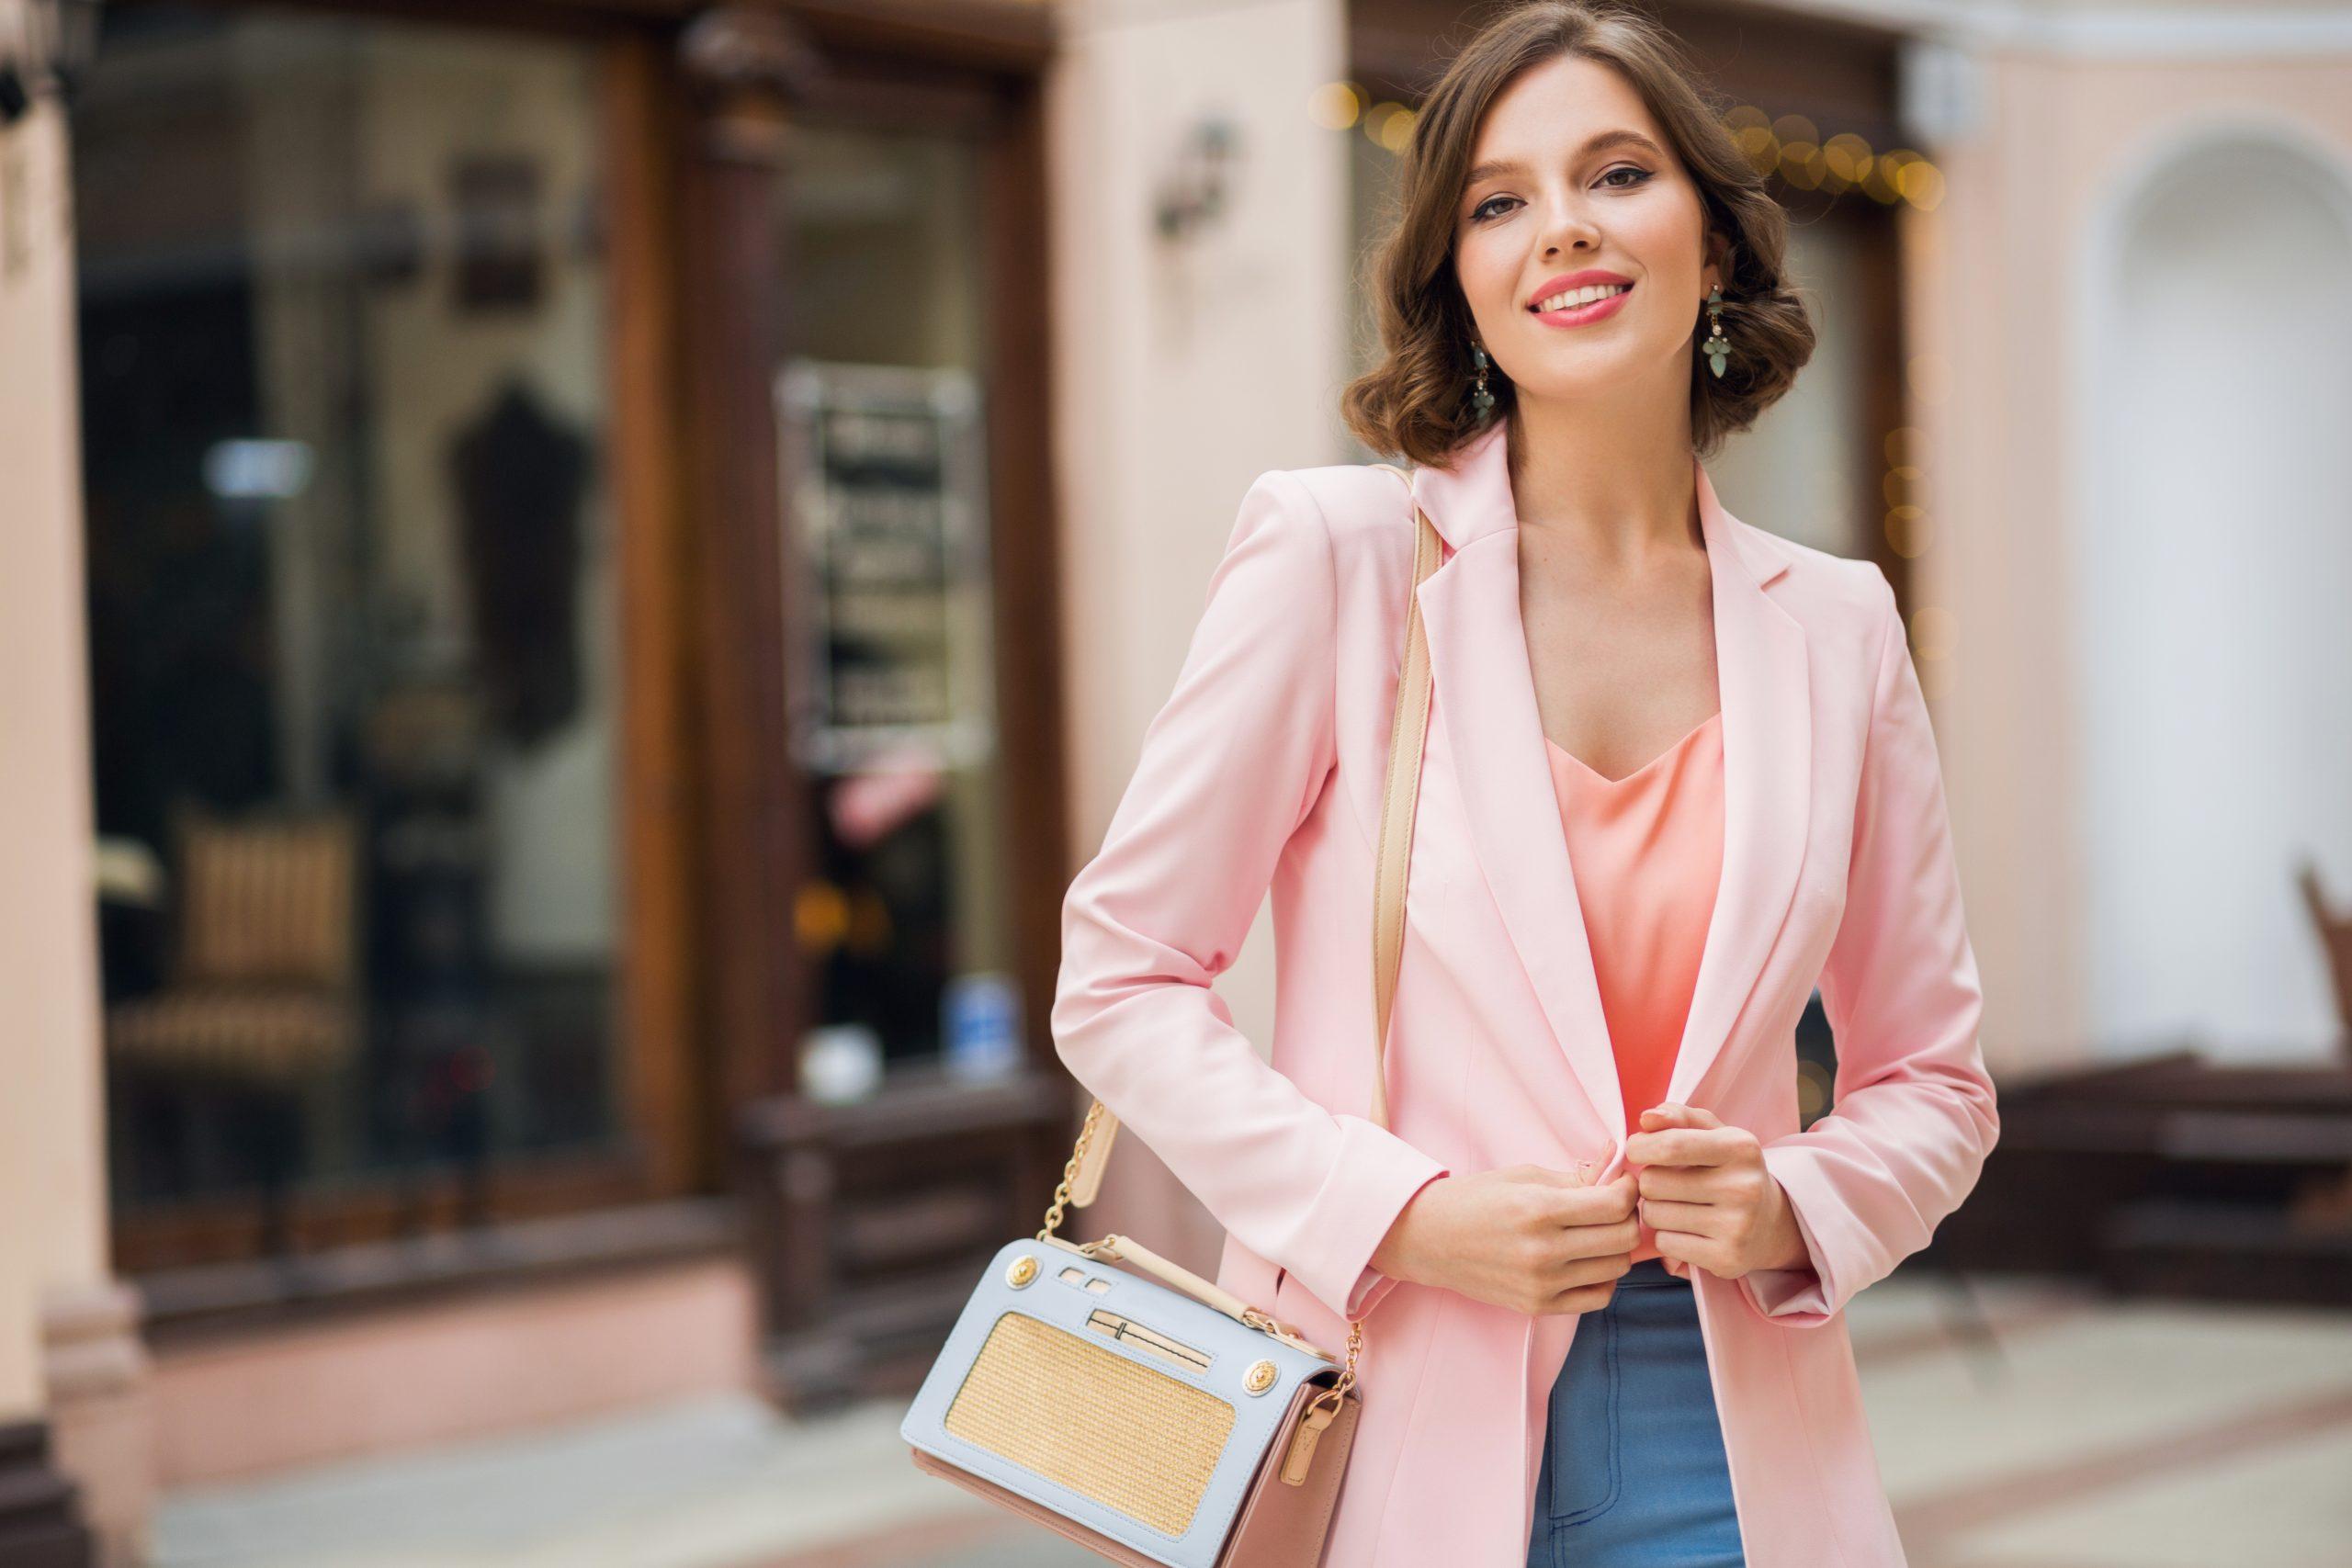 stylish beautiful European woman